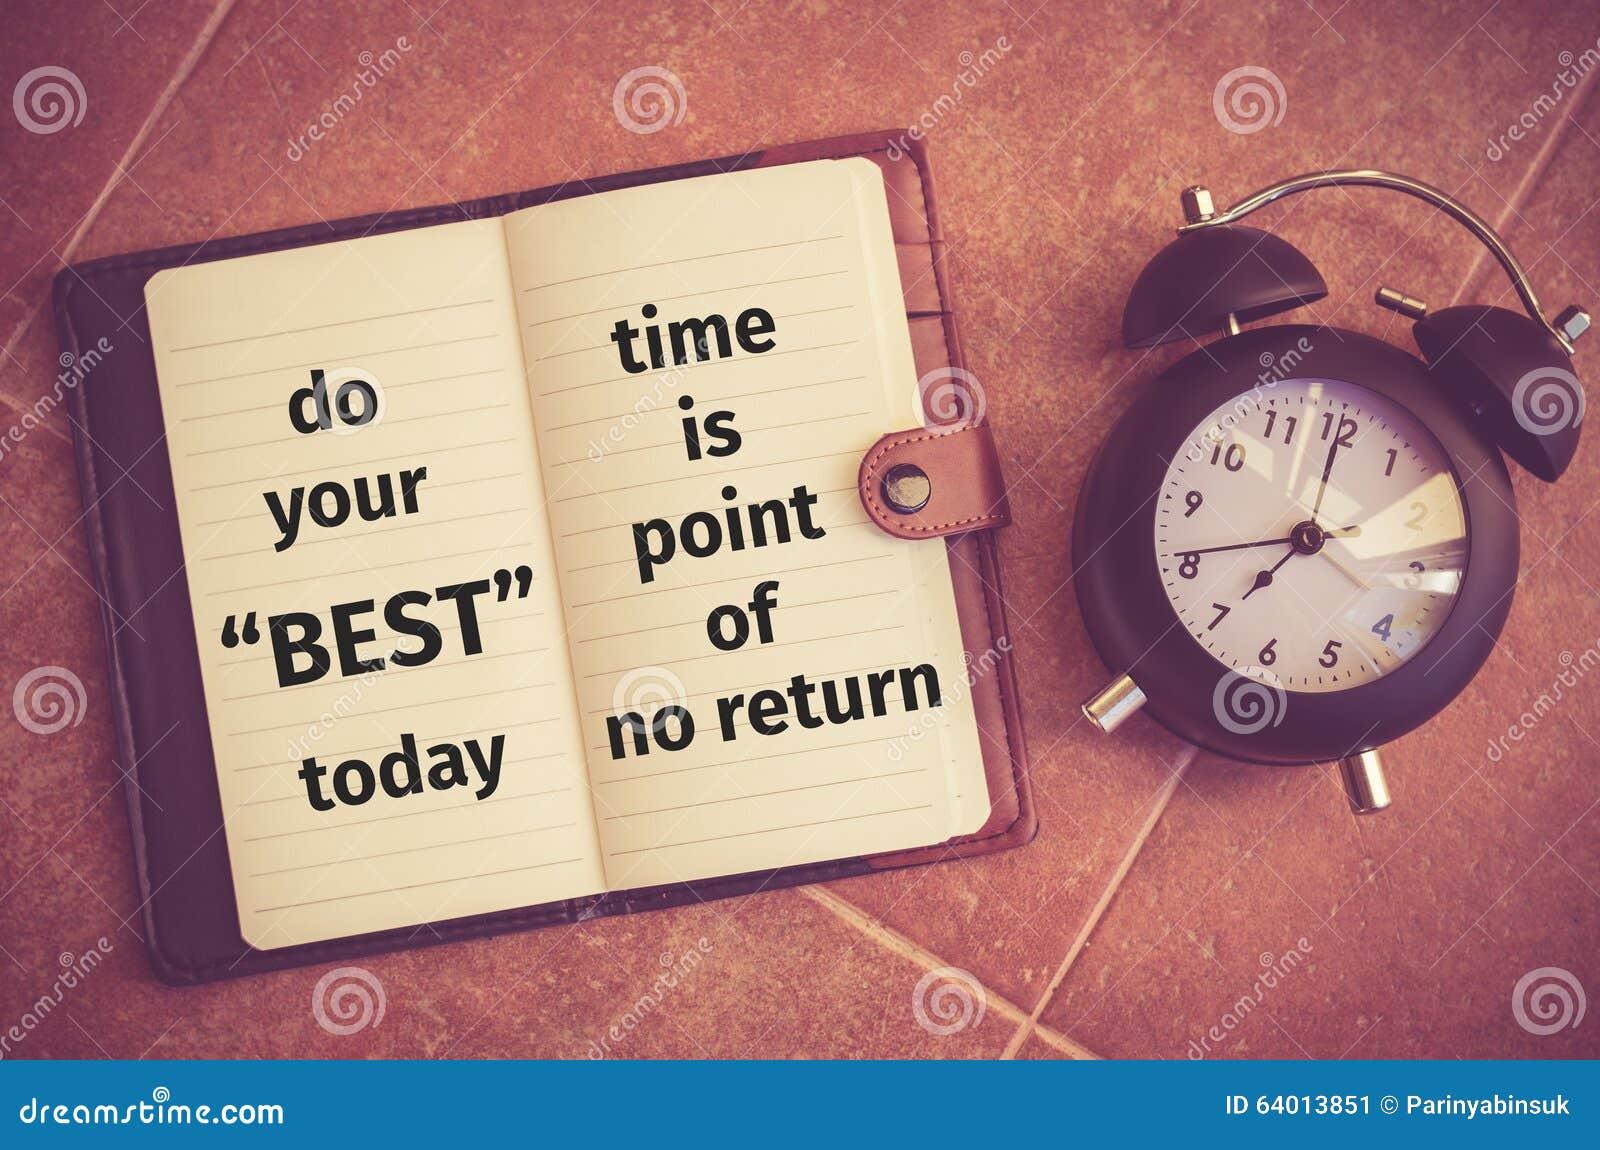 Cita de la inspiración: Haga su mejor hoy